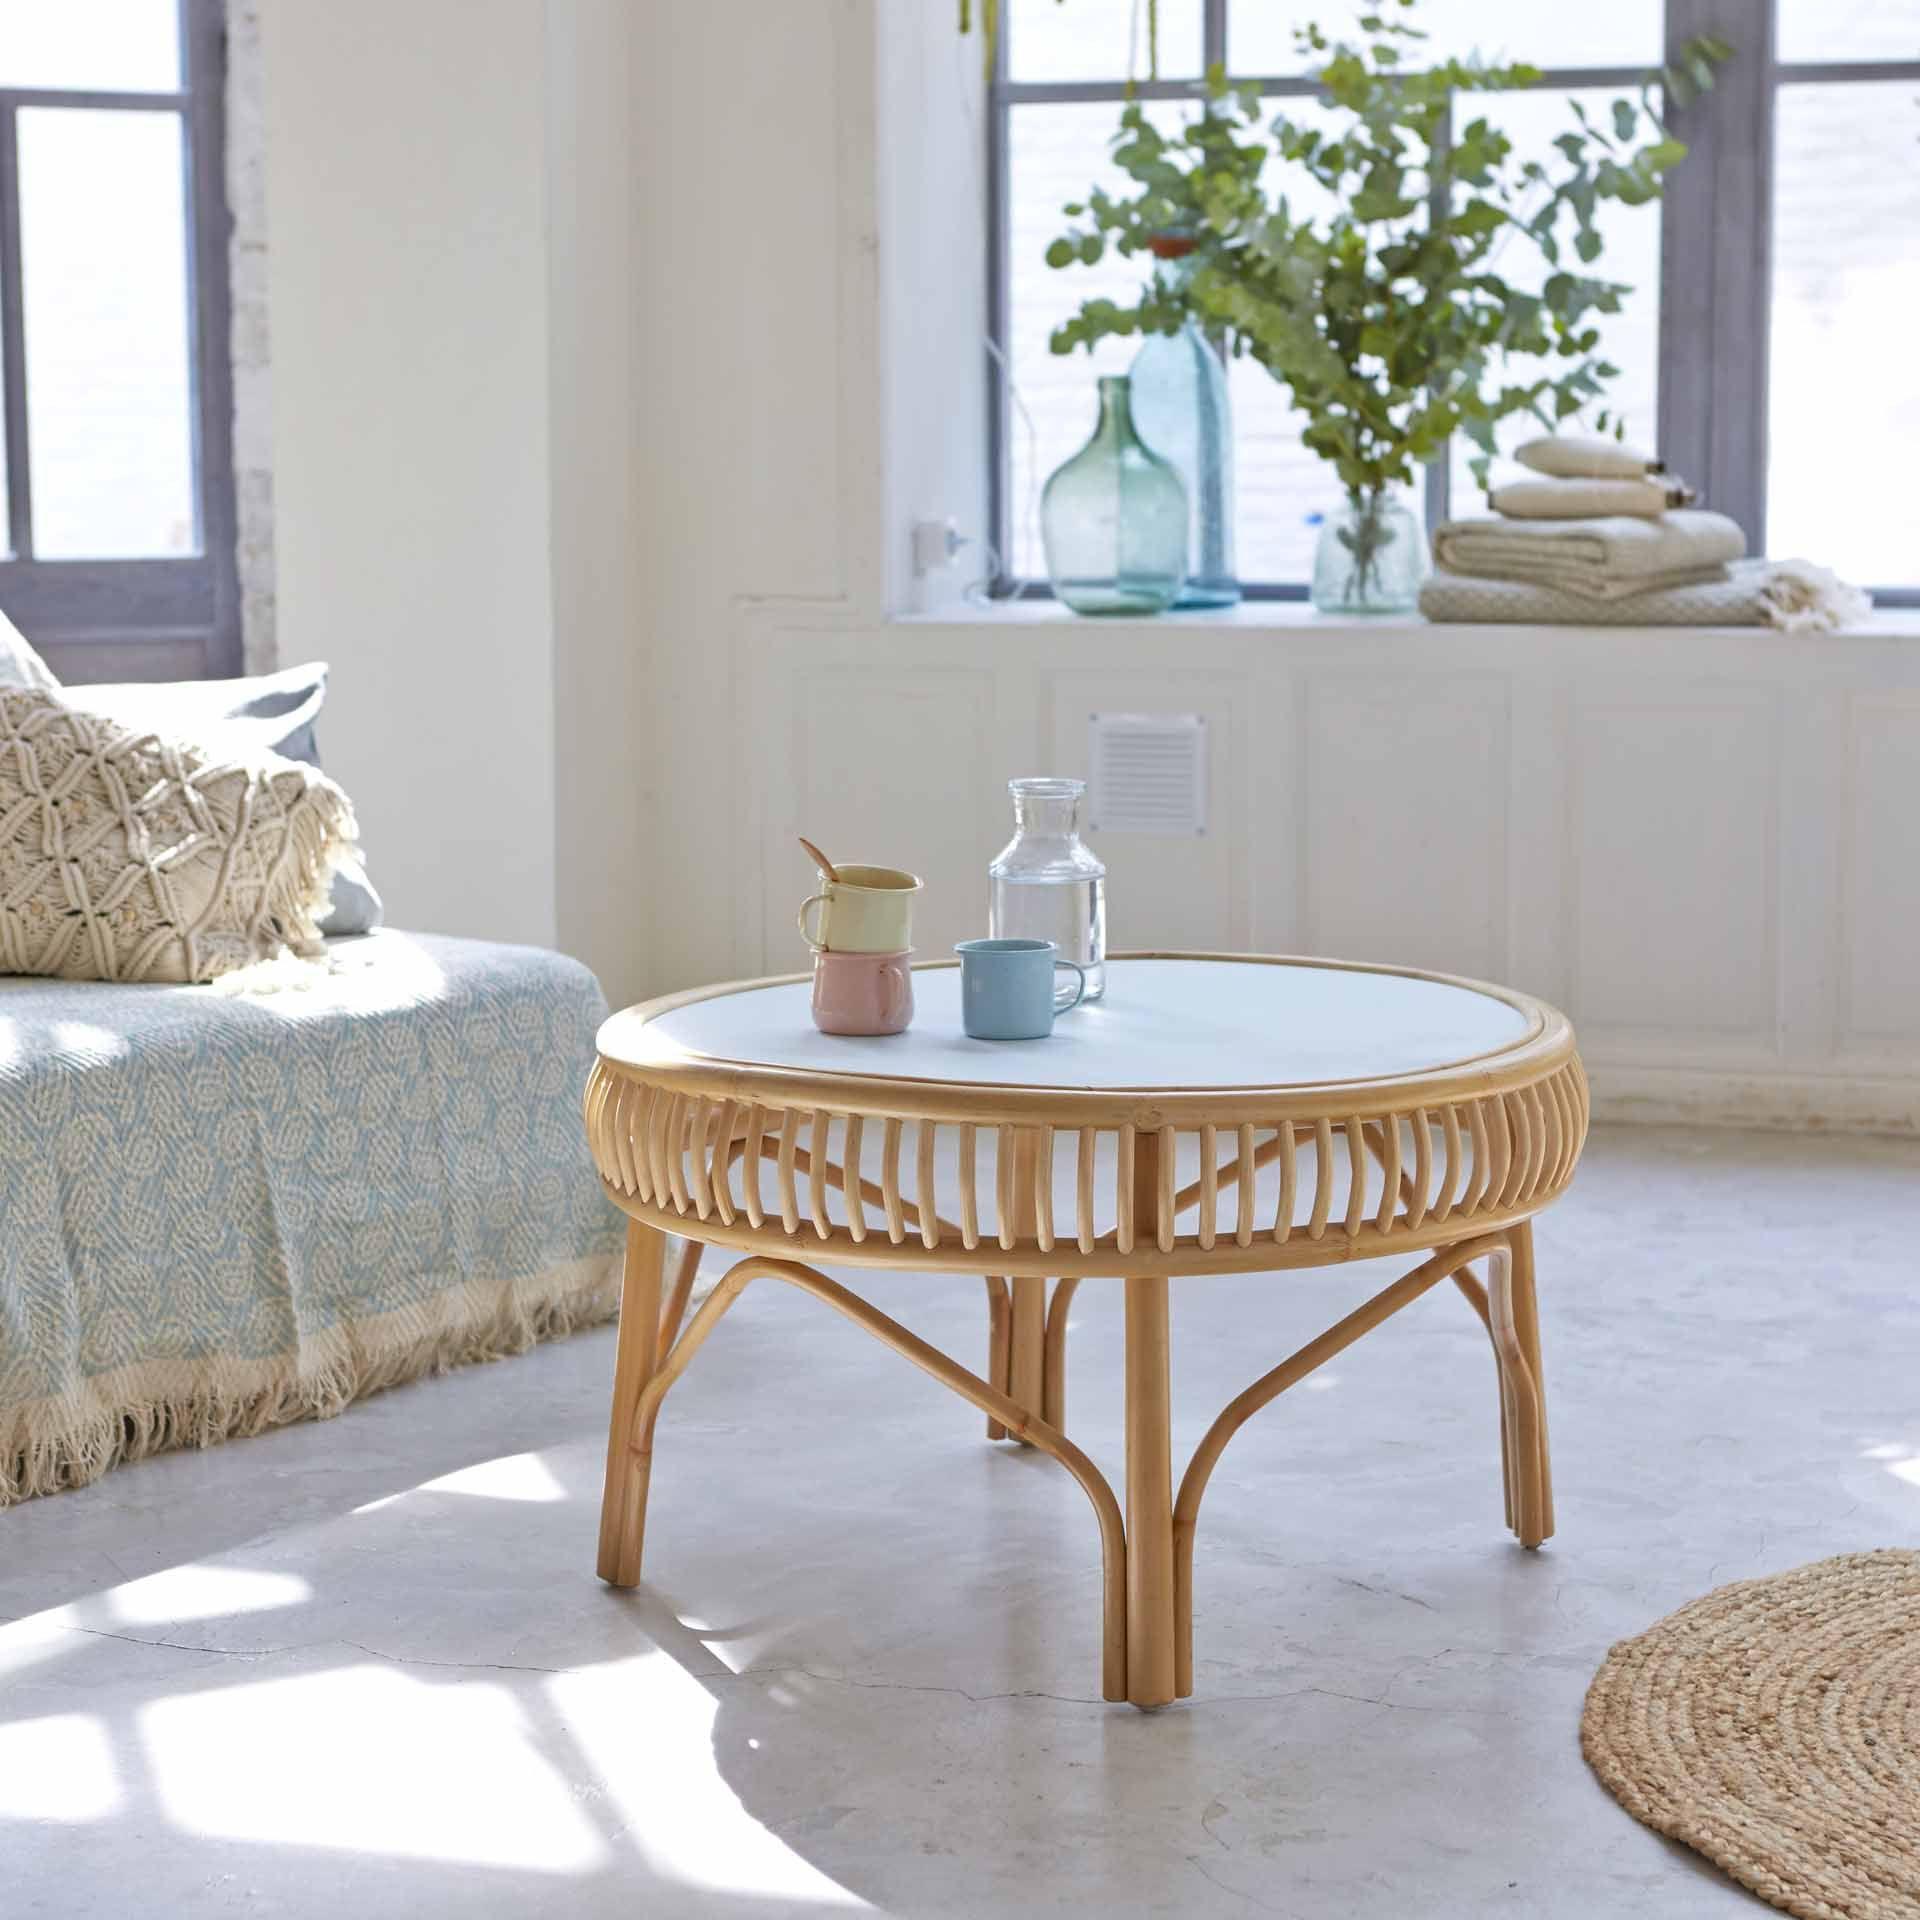 Conseils Et Selection Pour L Achat D Une Table Basse Table Basse